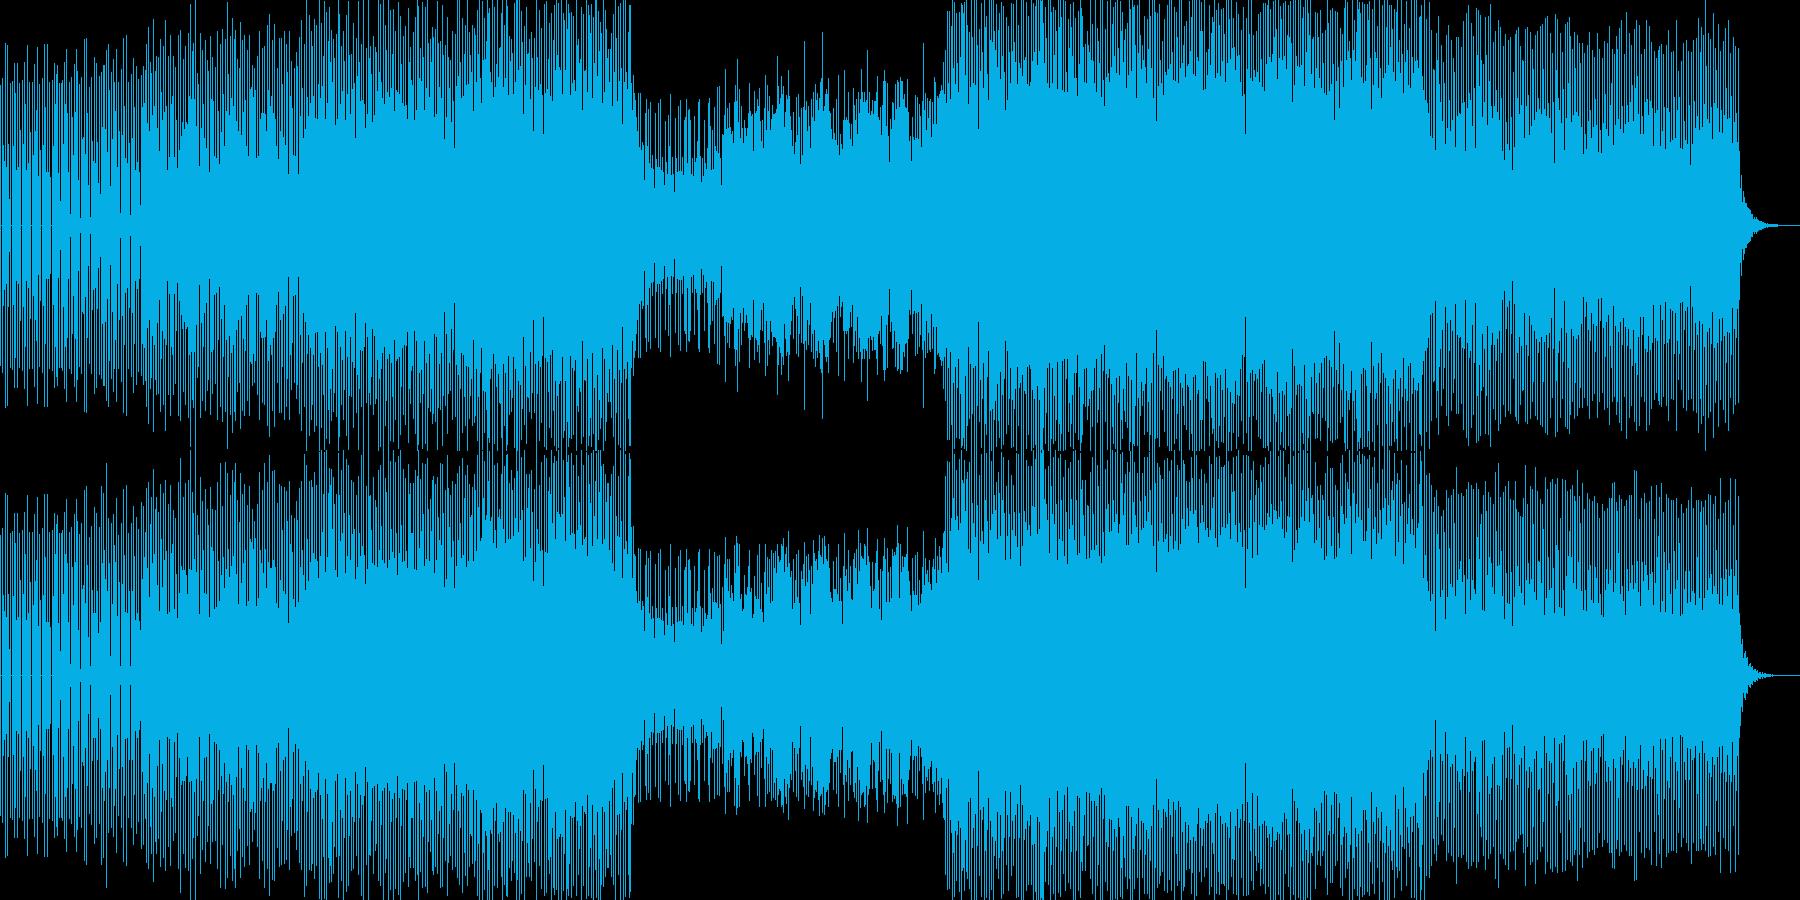 明るくハウスミュージックダンス系の再生済みの波形